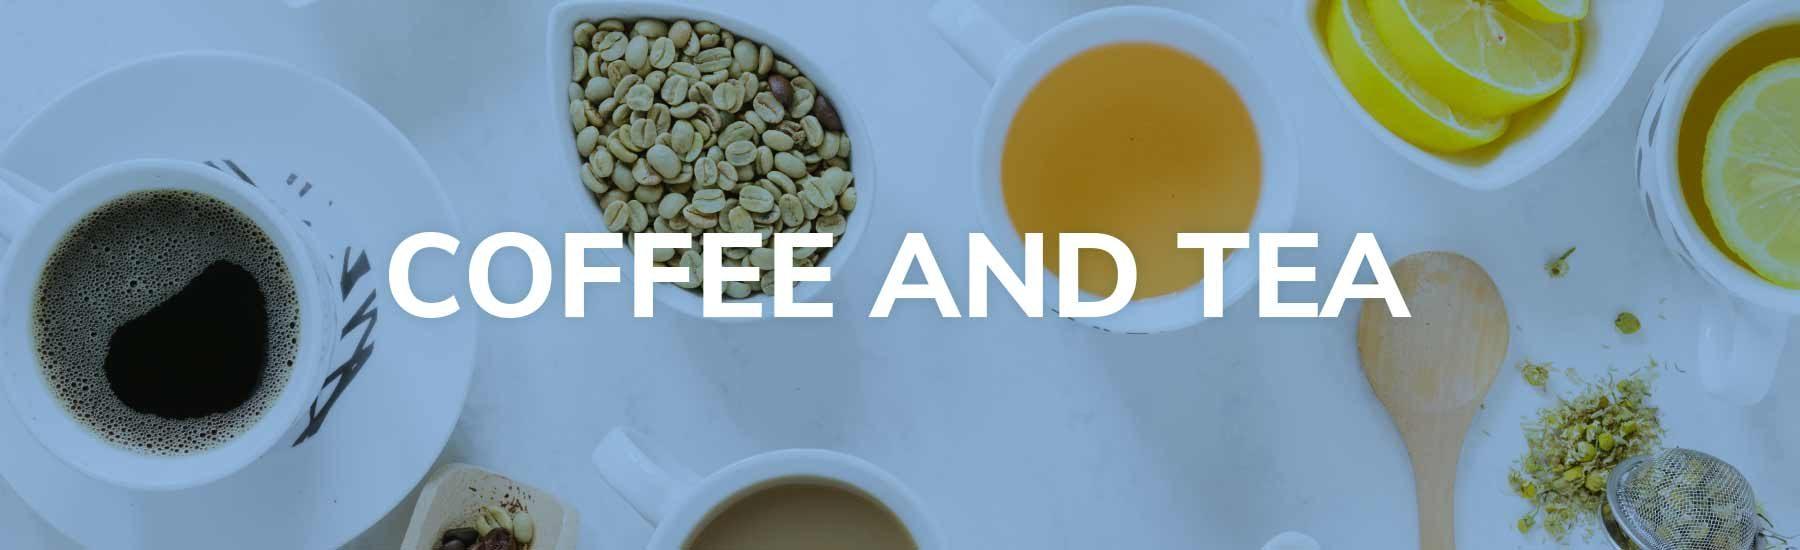 Gan Teck Kar Foods Coffee and Tea Products